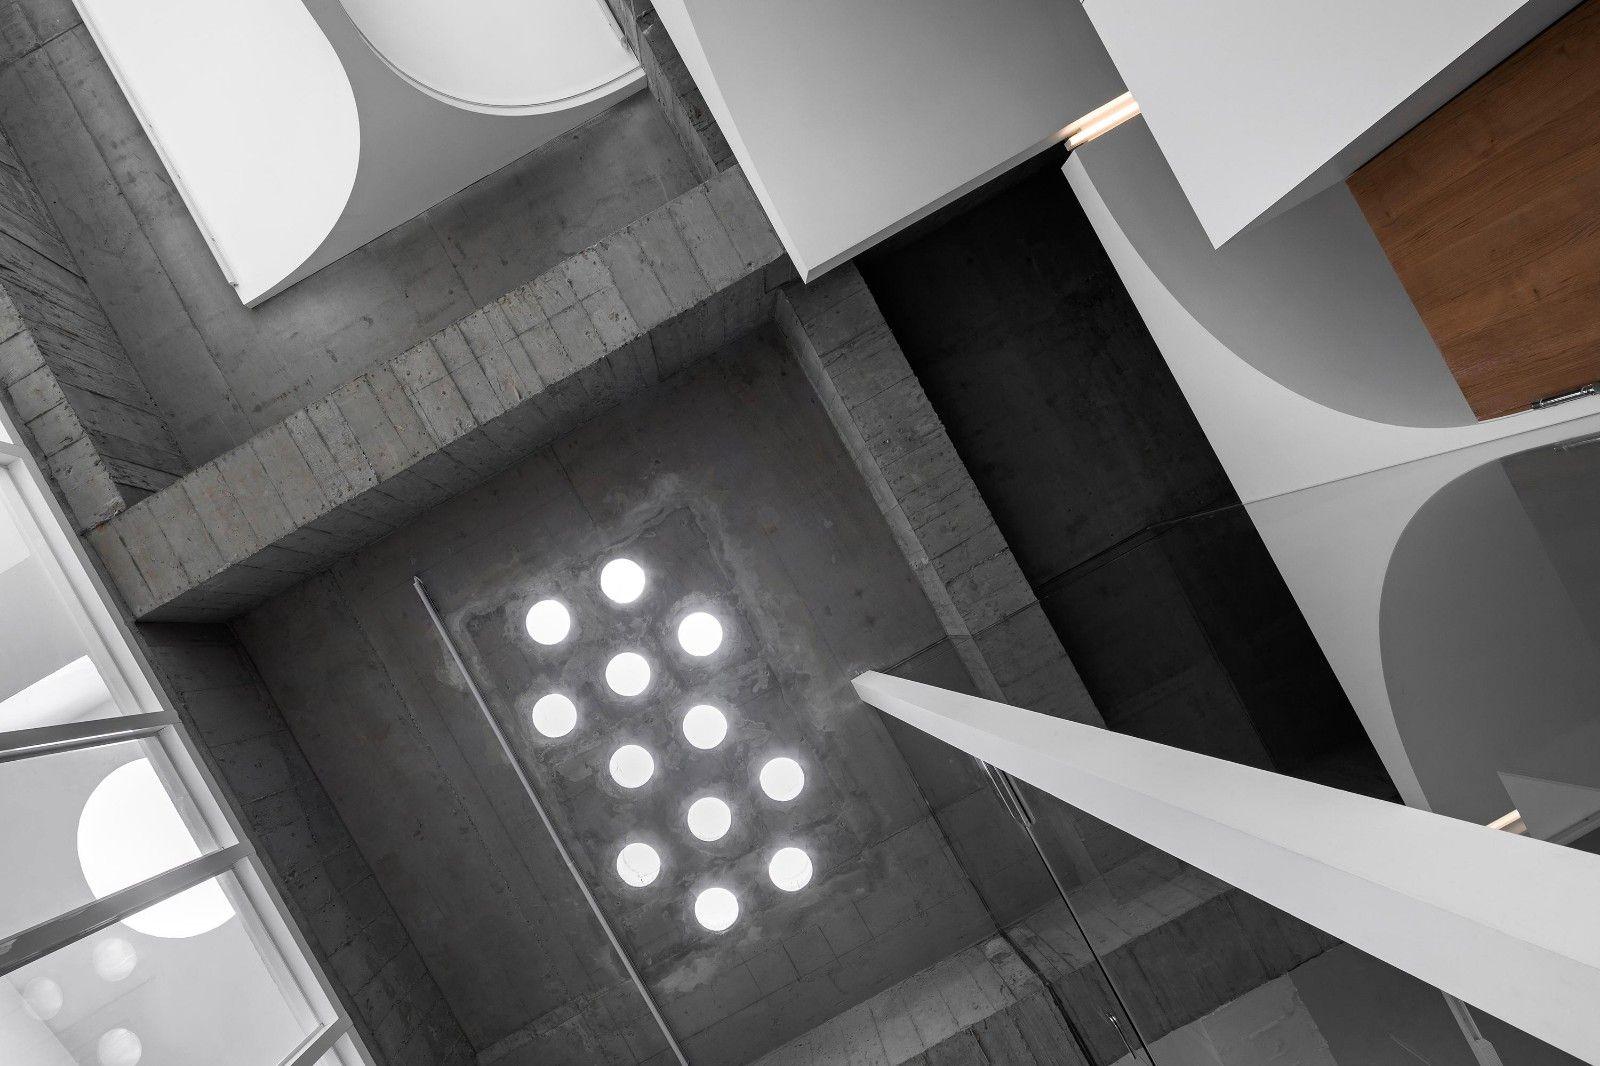 简单造型诠释空间的音乐动感 | 思谬空间设计